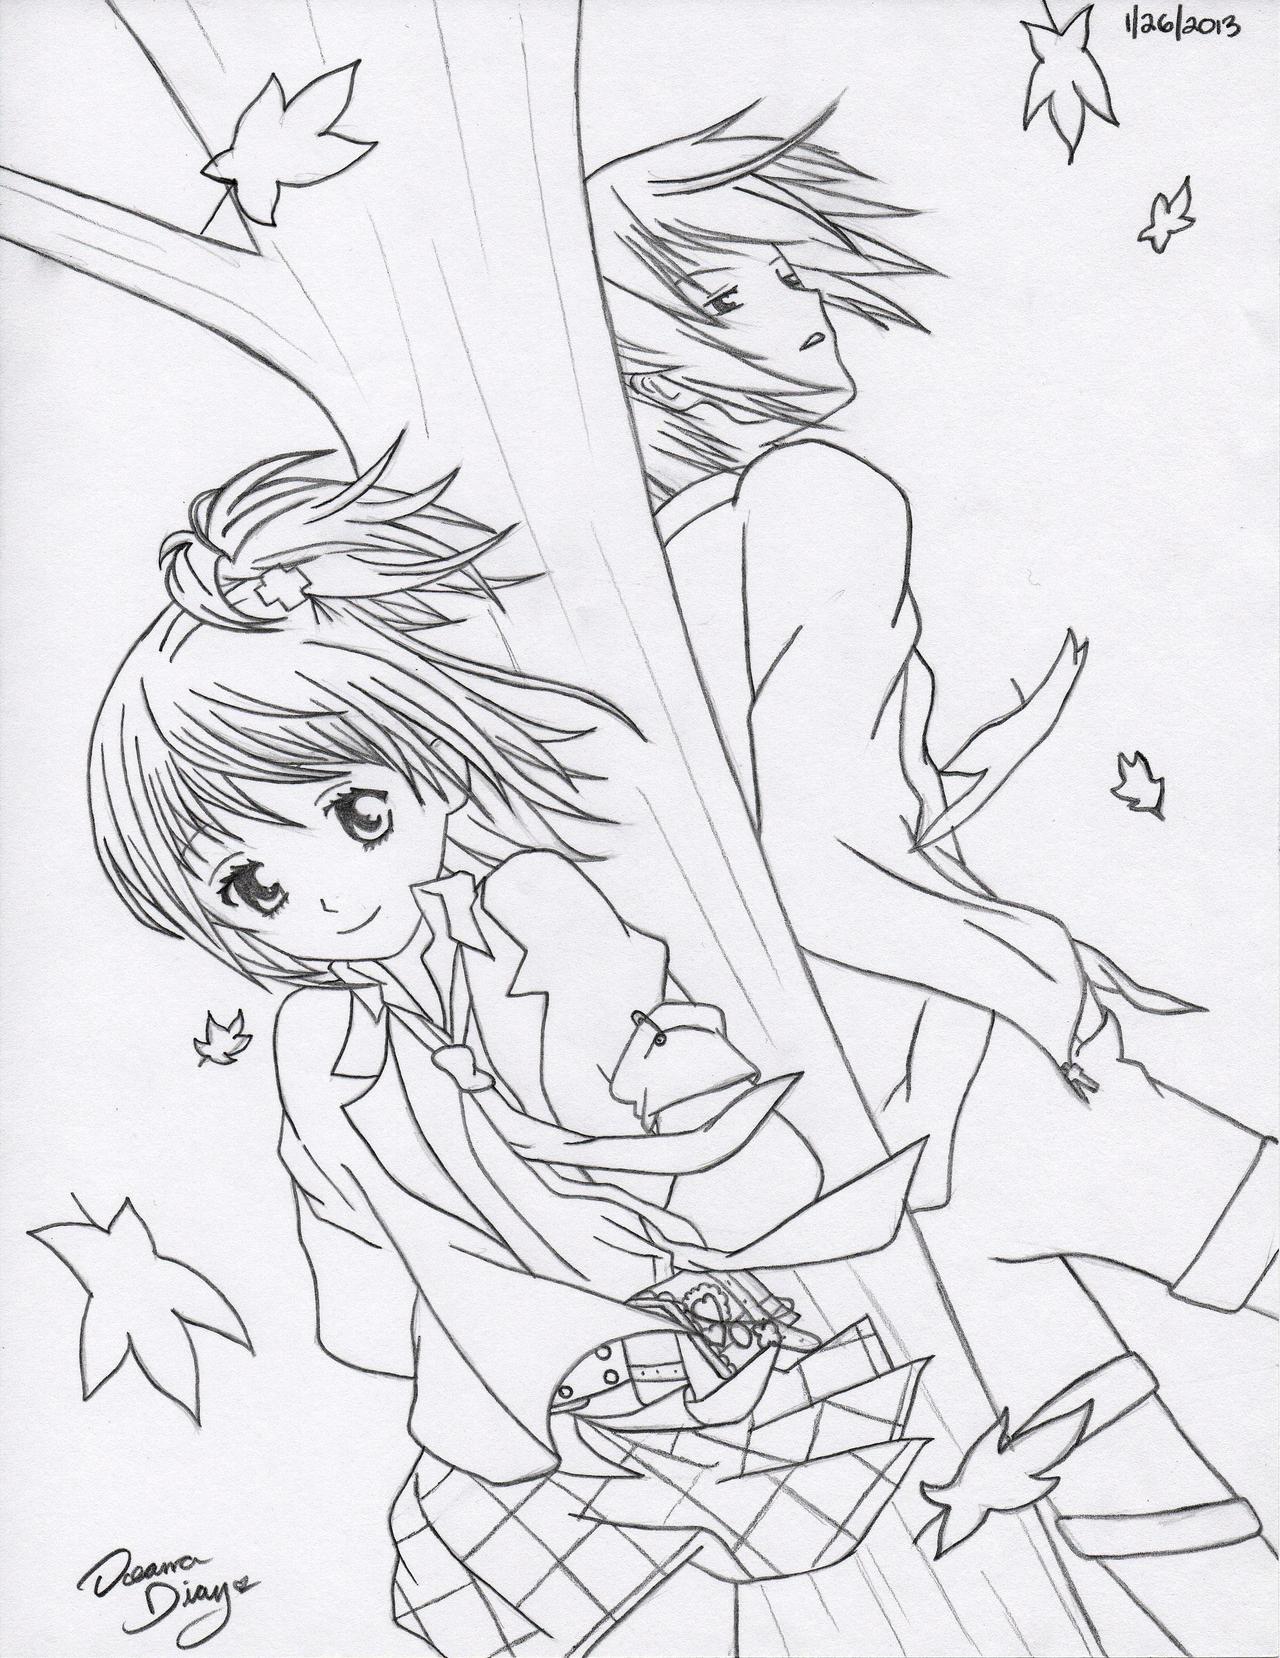 Amu and Ikuto - Windy Day (WIP) by RoXyBeaR147